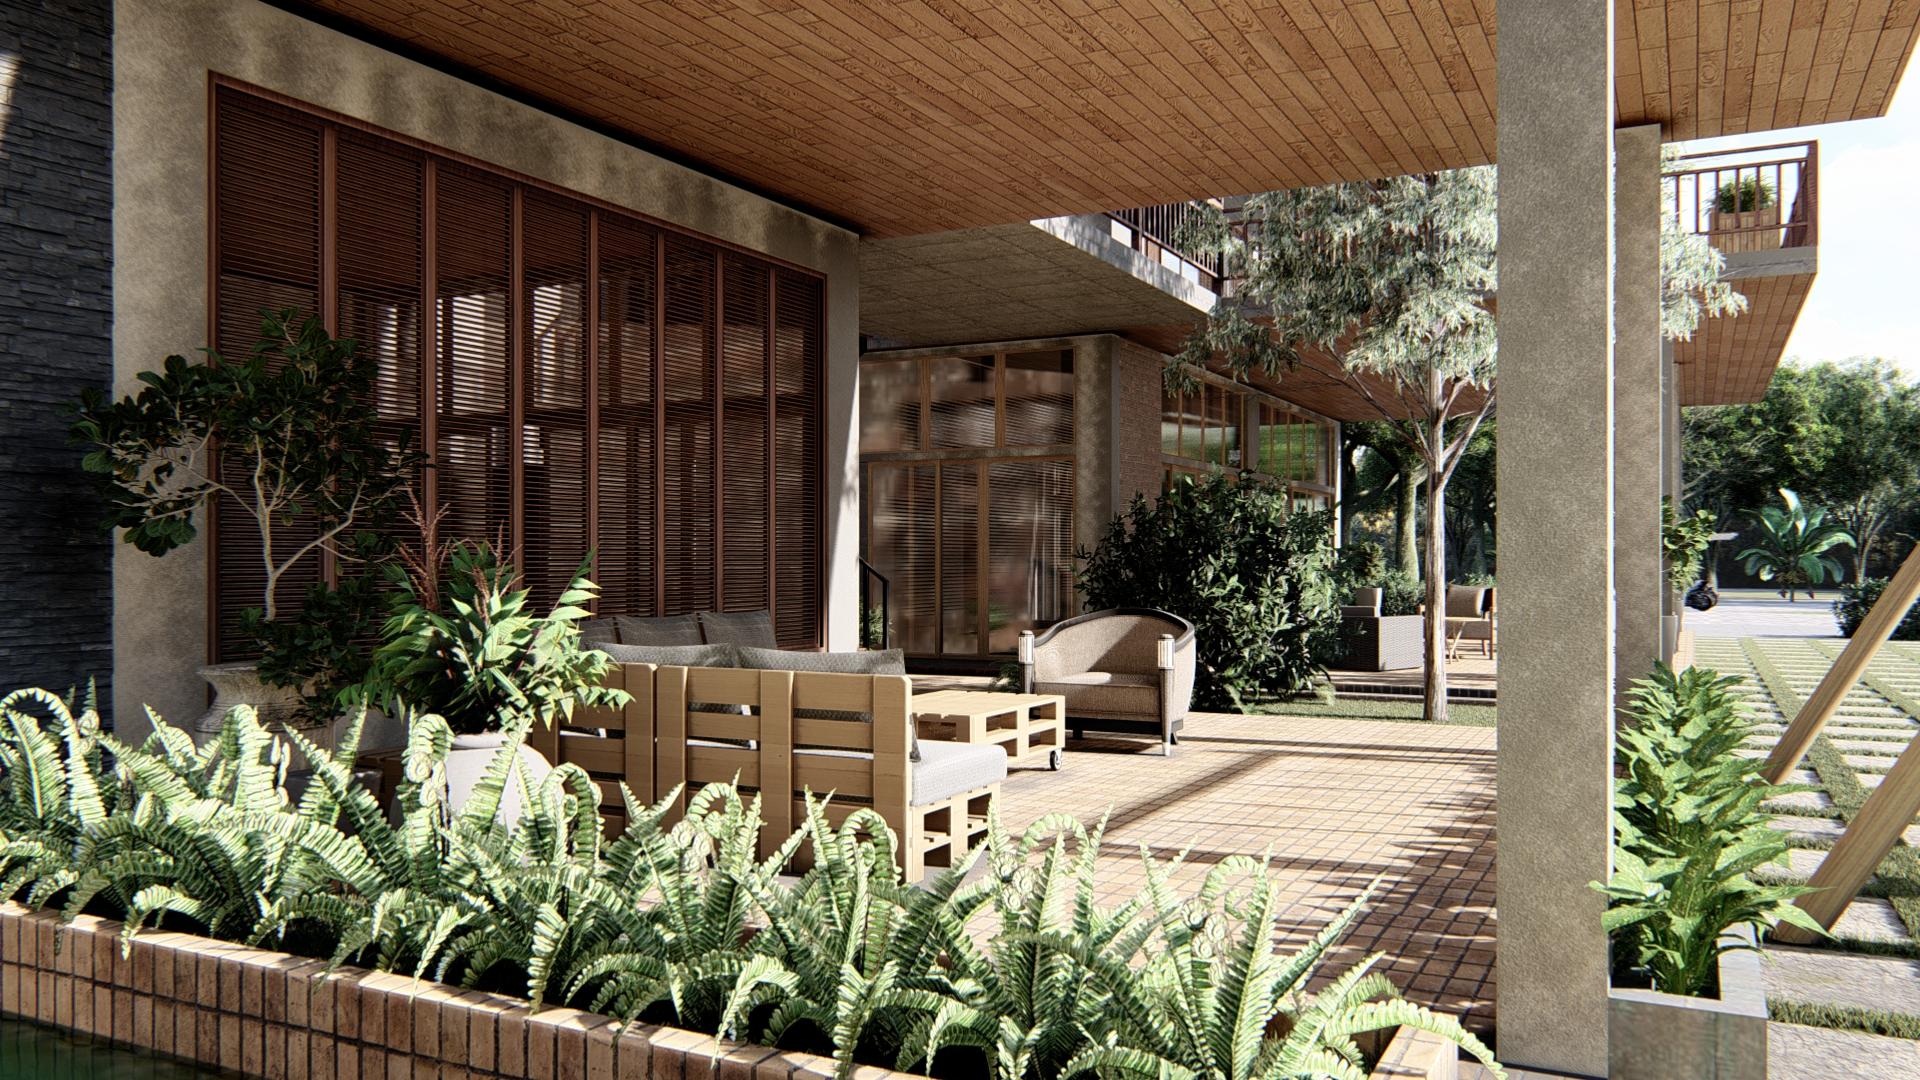 thiết kế Khách Sạn tại Gia Lai Farmstay and Hostel 2 1565695258